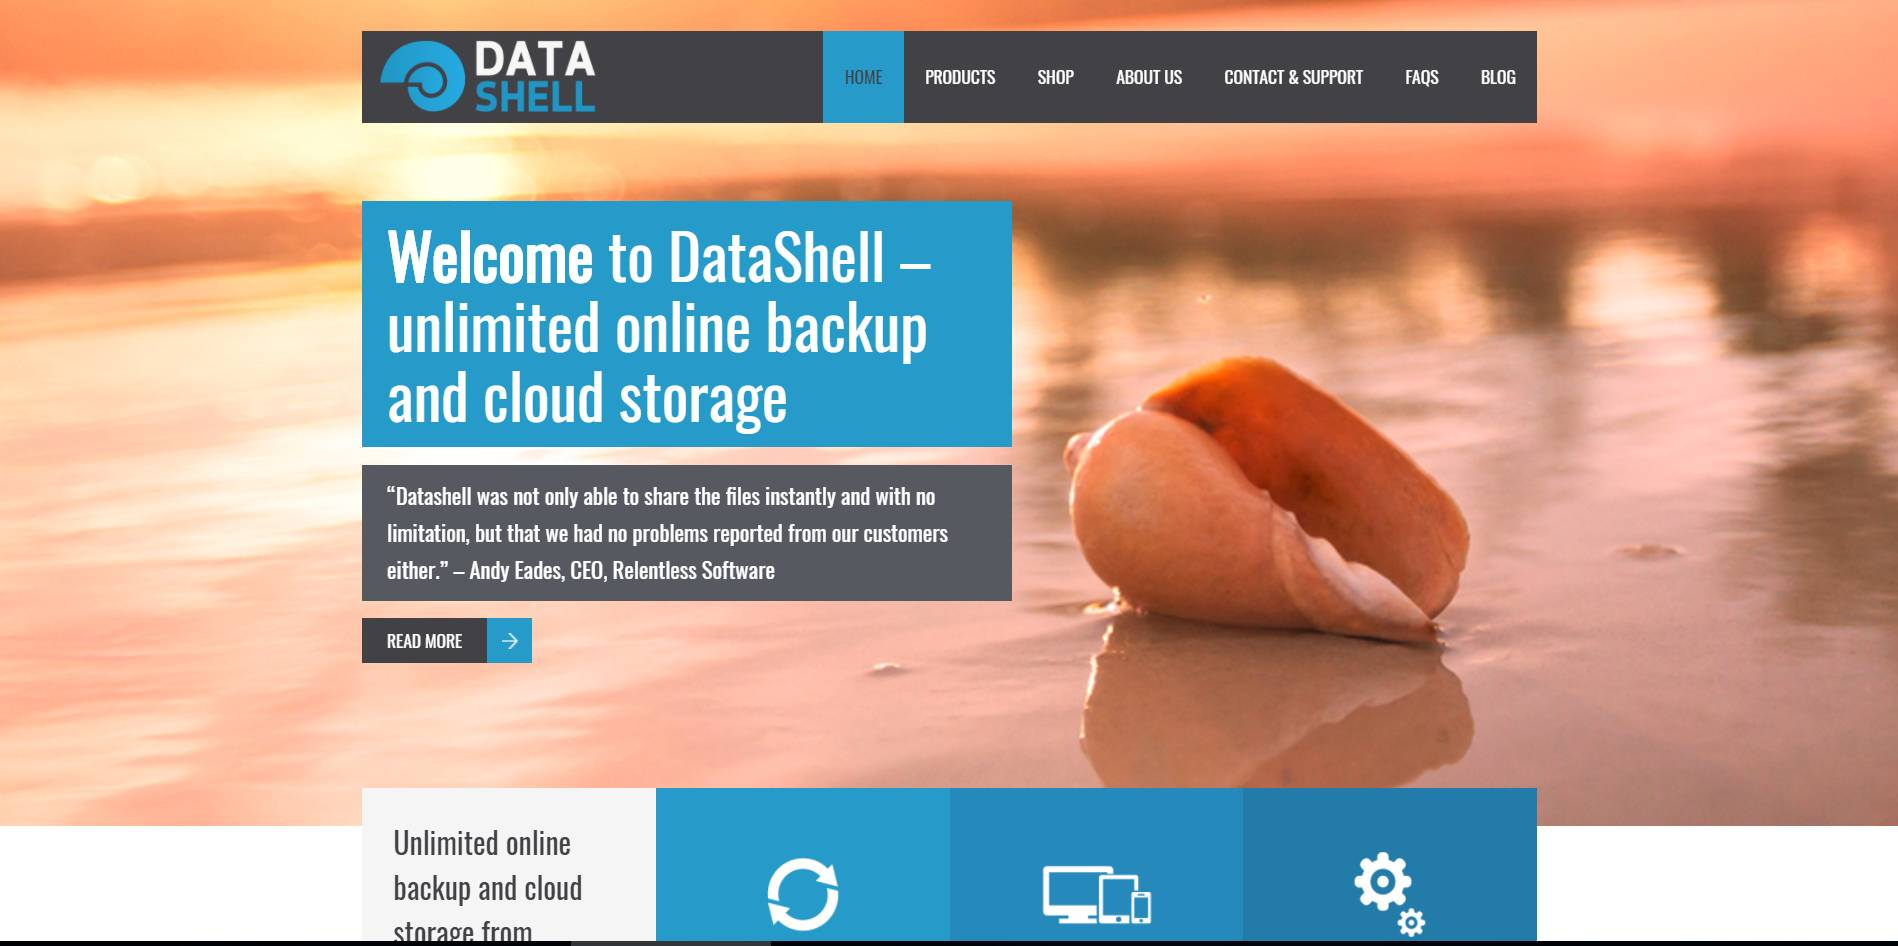 DataShell